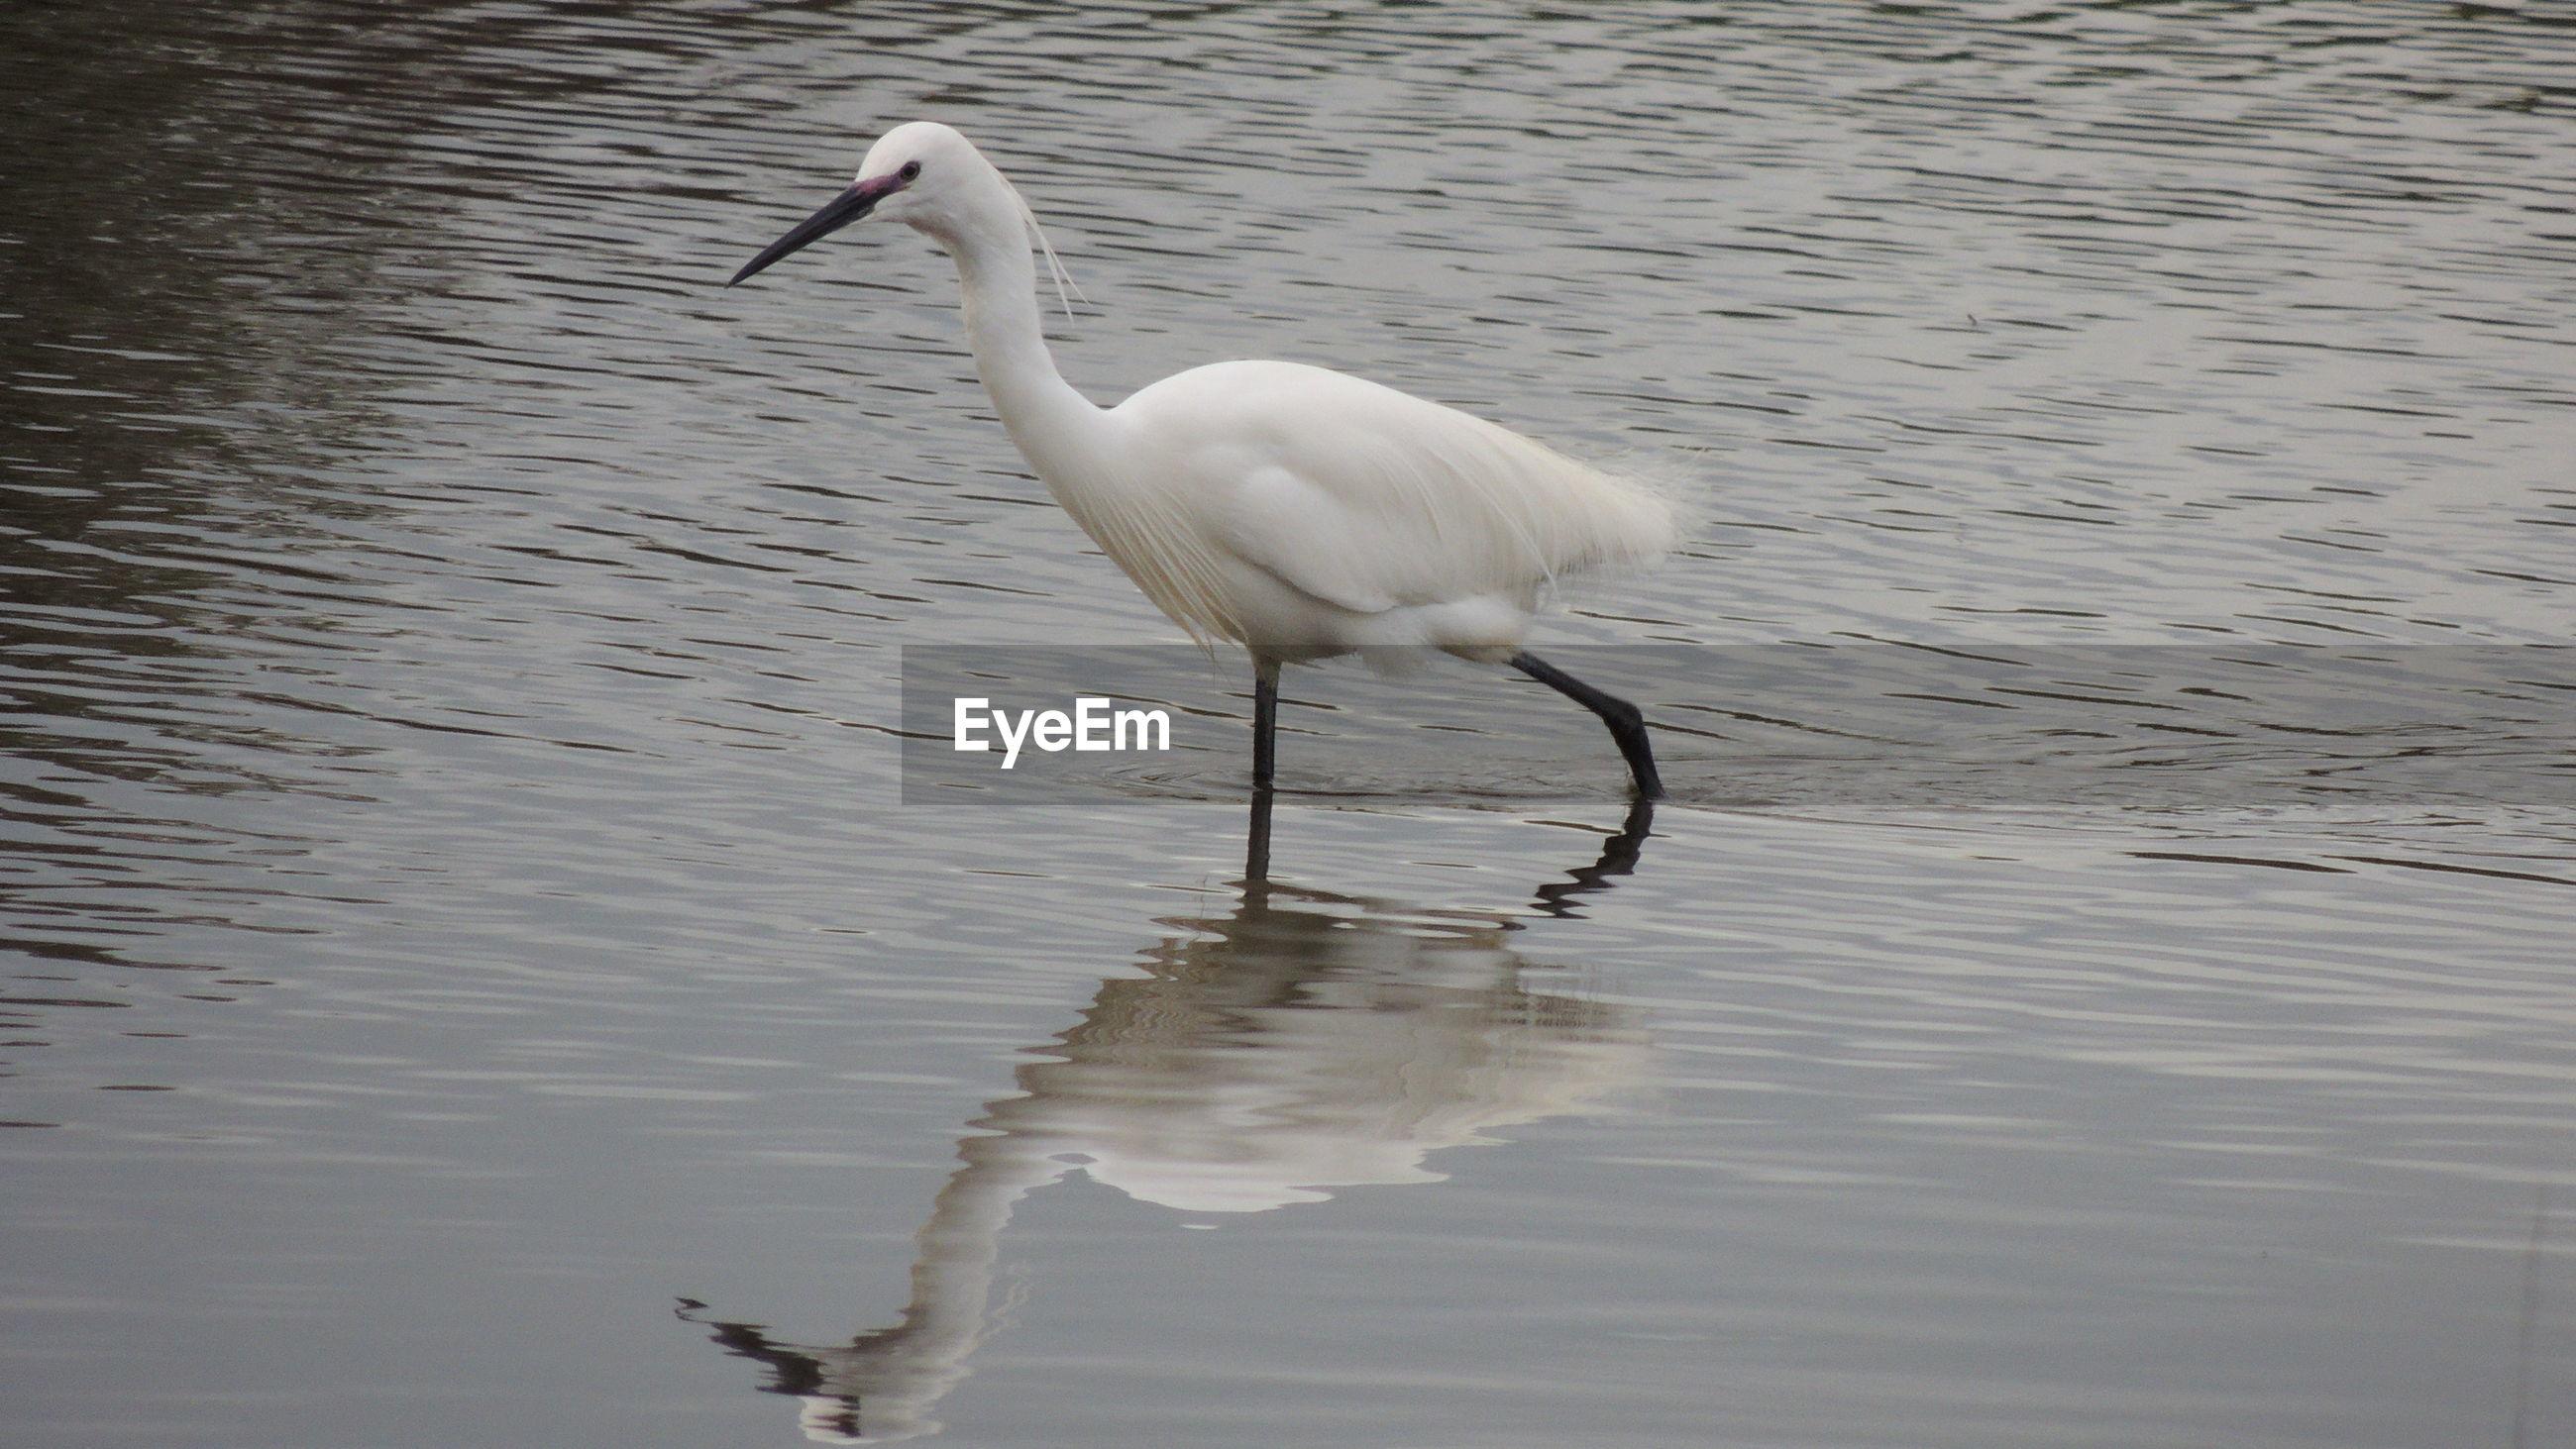 Bird wading in lake